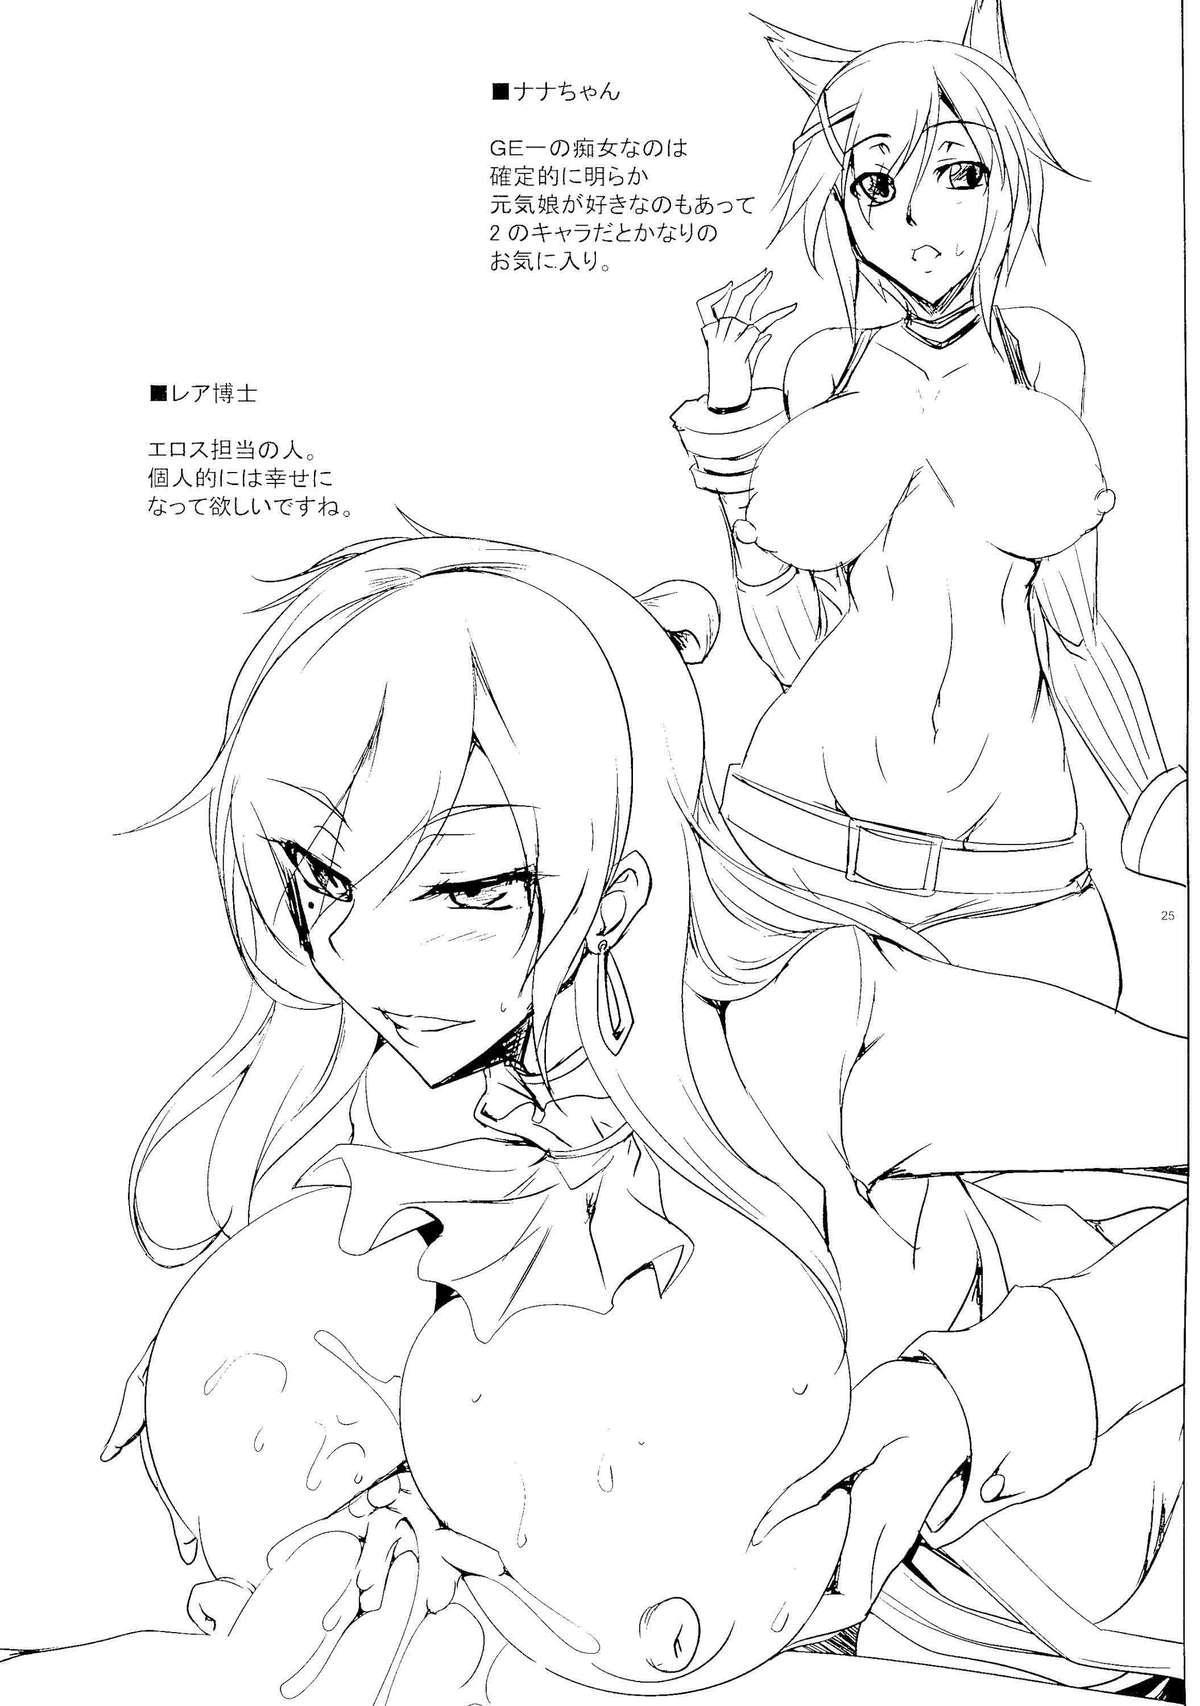 Gosha Hime-sama no Himitsu Tokkun 23